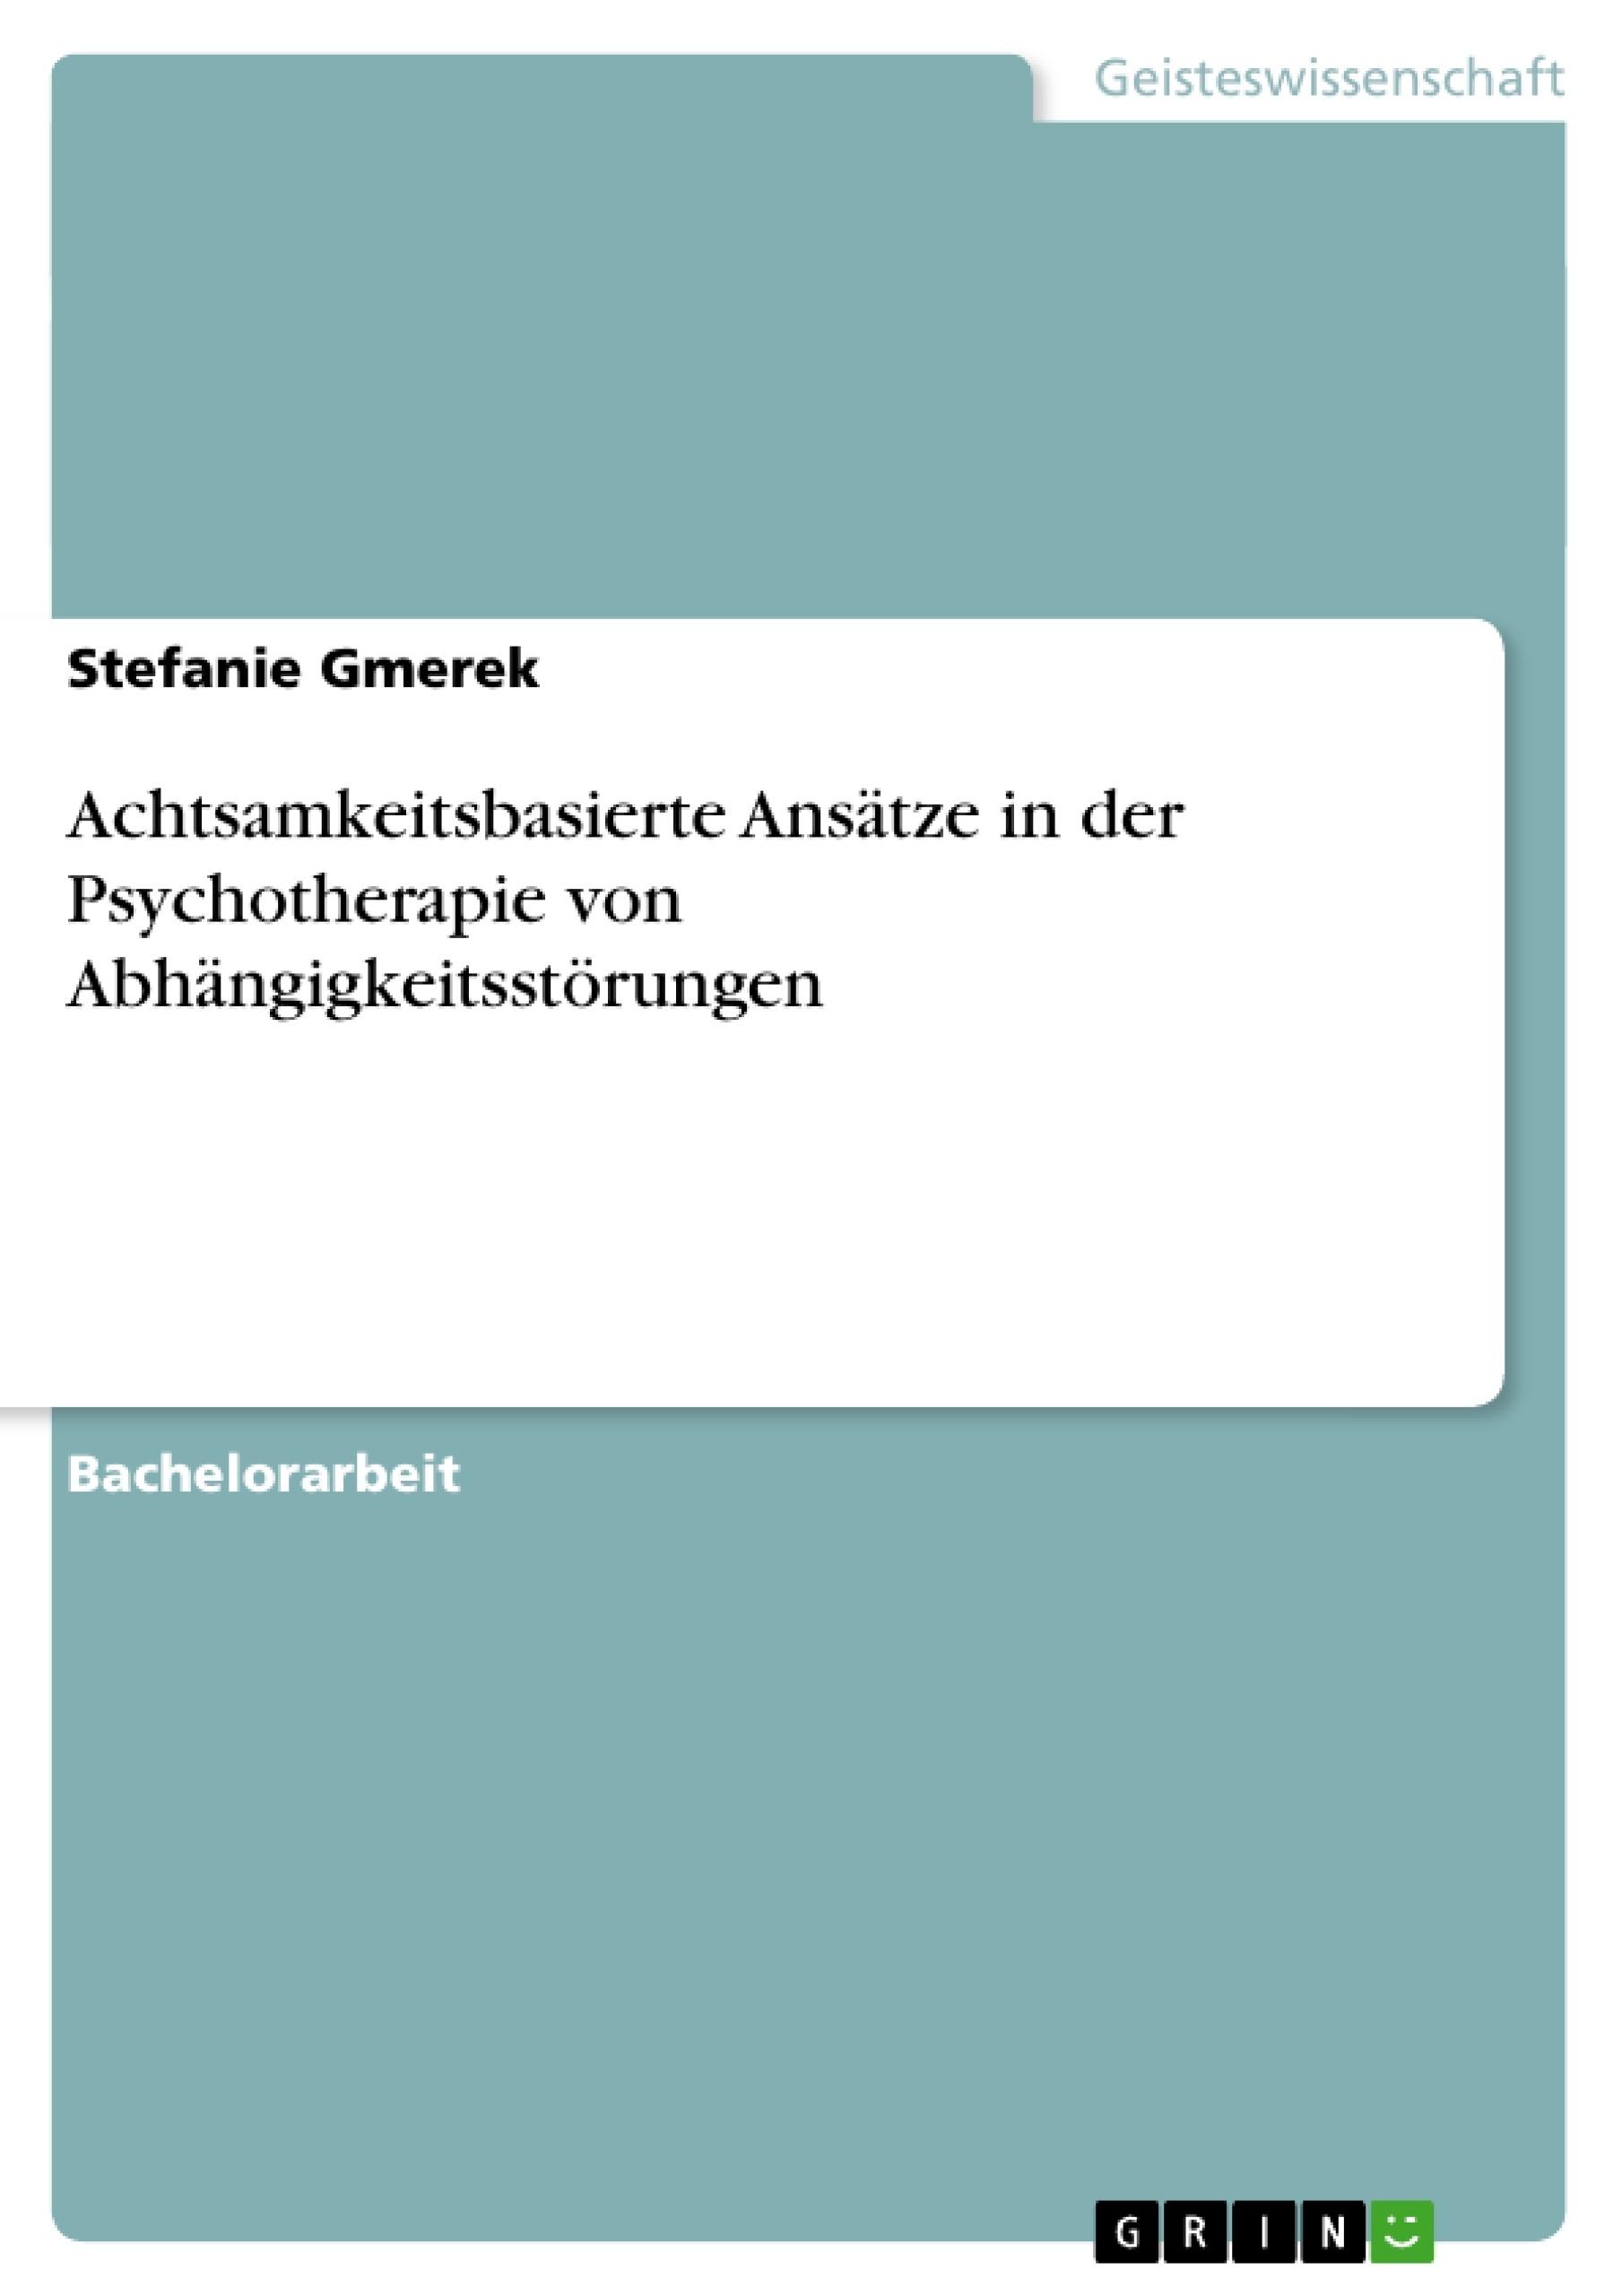 Titel: Achtsamkeitsbasierte Ansätze in der Psychotherapie von Abhängigkeitsstörungen